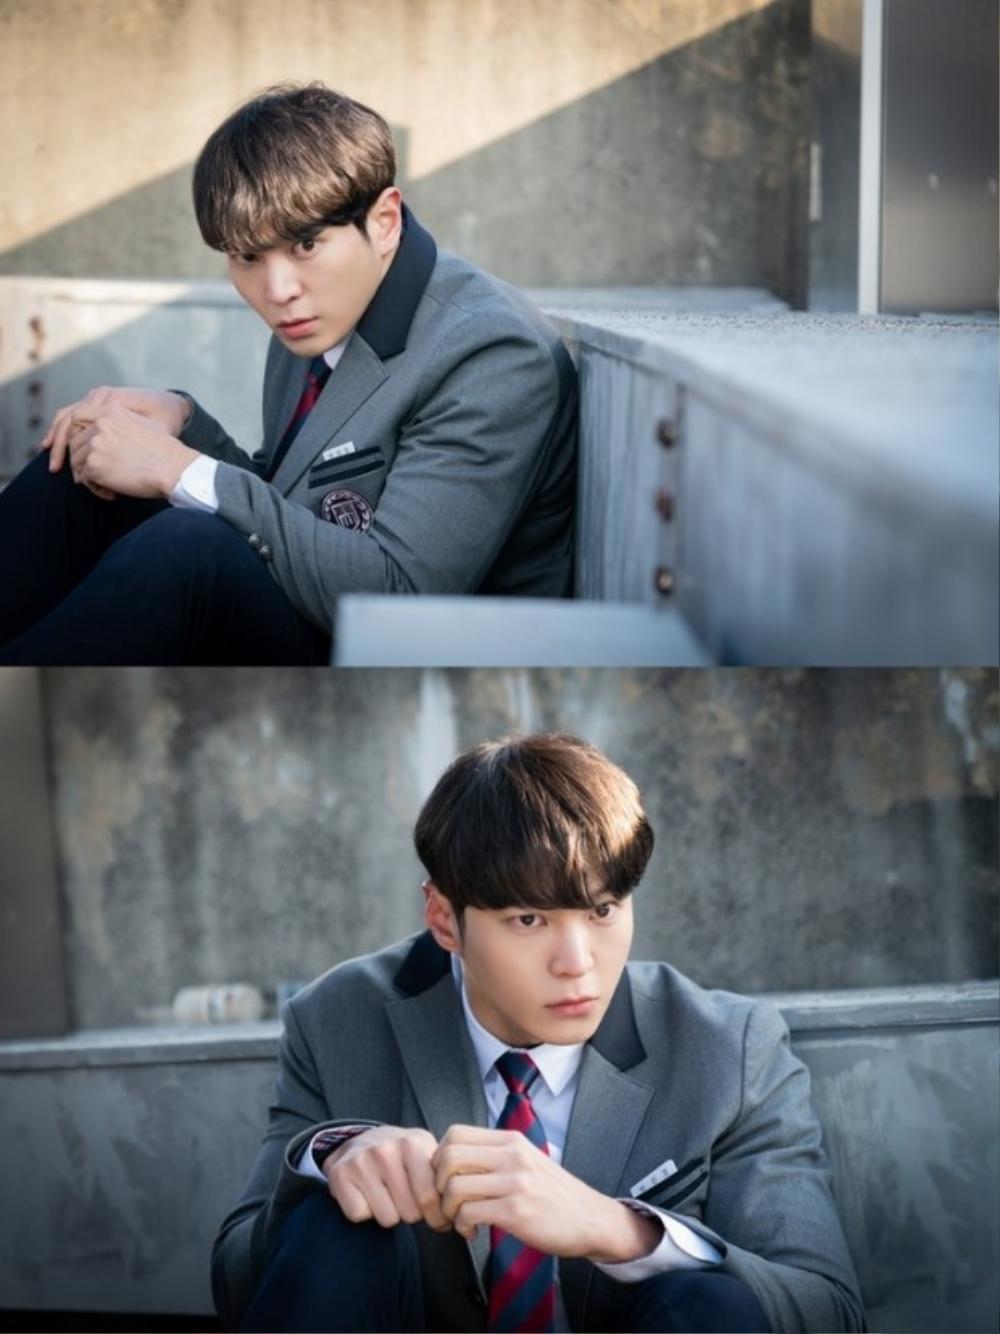 Họp báo phim mùa Covid-19, Kim Hee Sun hài hước 'tám chuyện' với Joo Won qua lăng kính nhiệm màu Ảnh 8